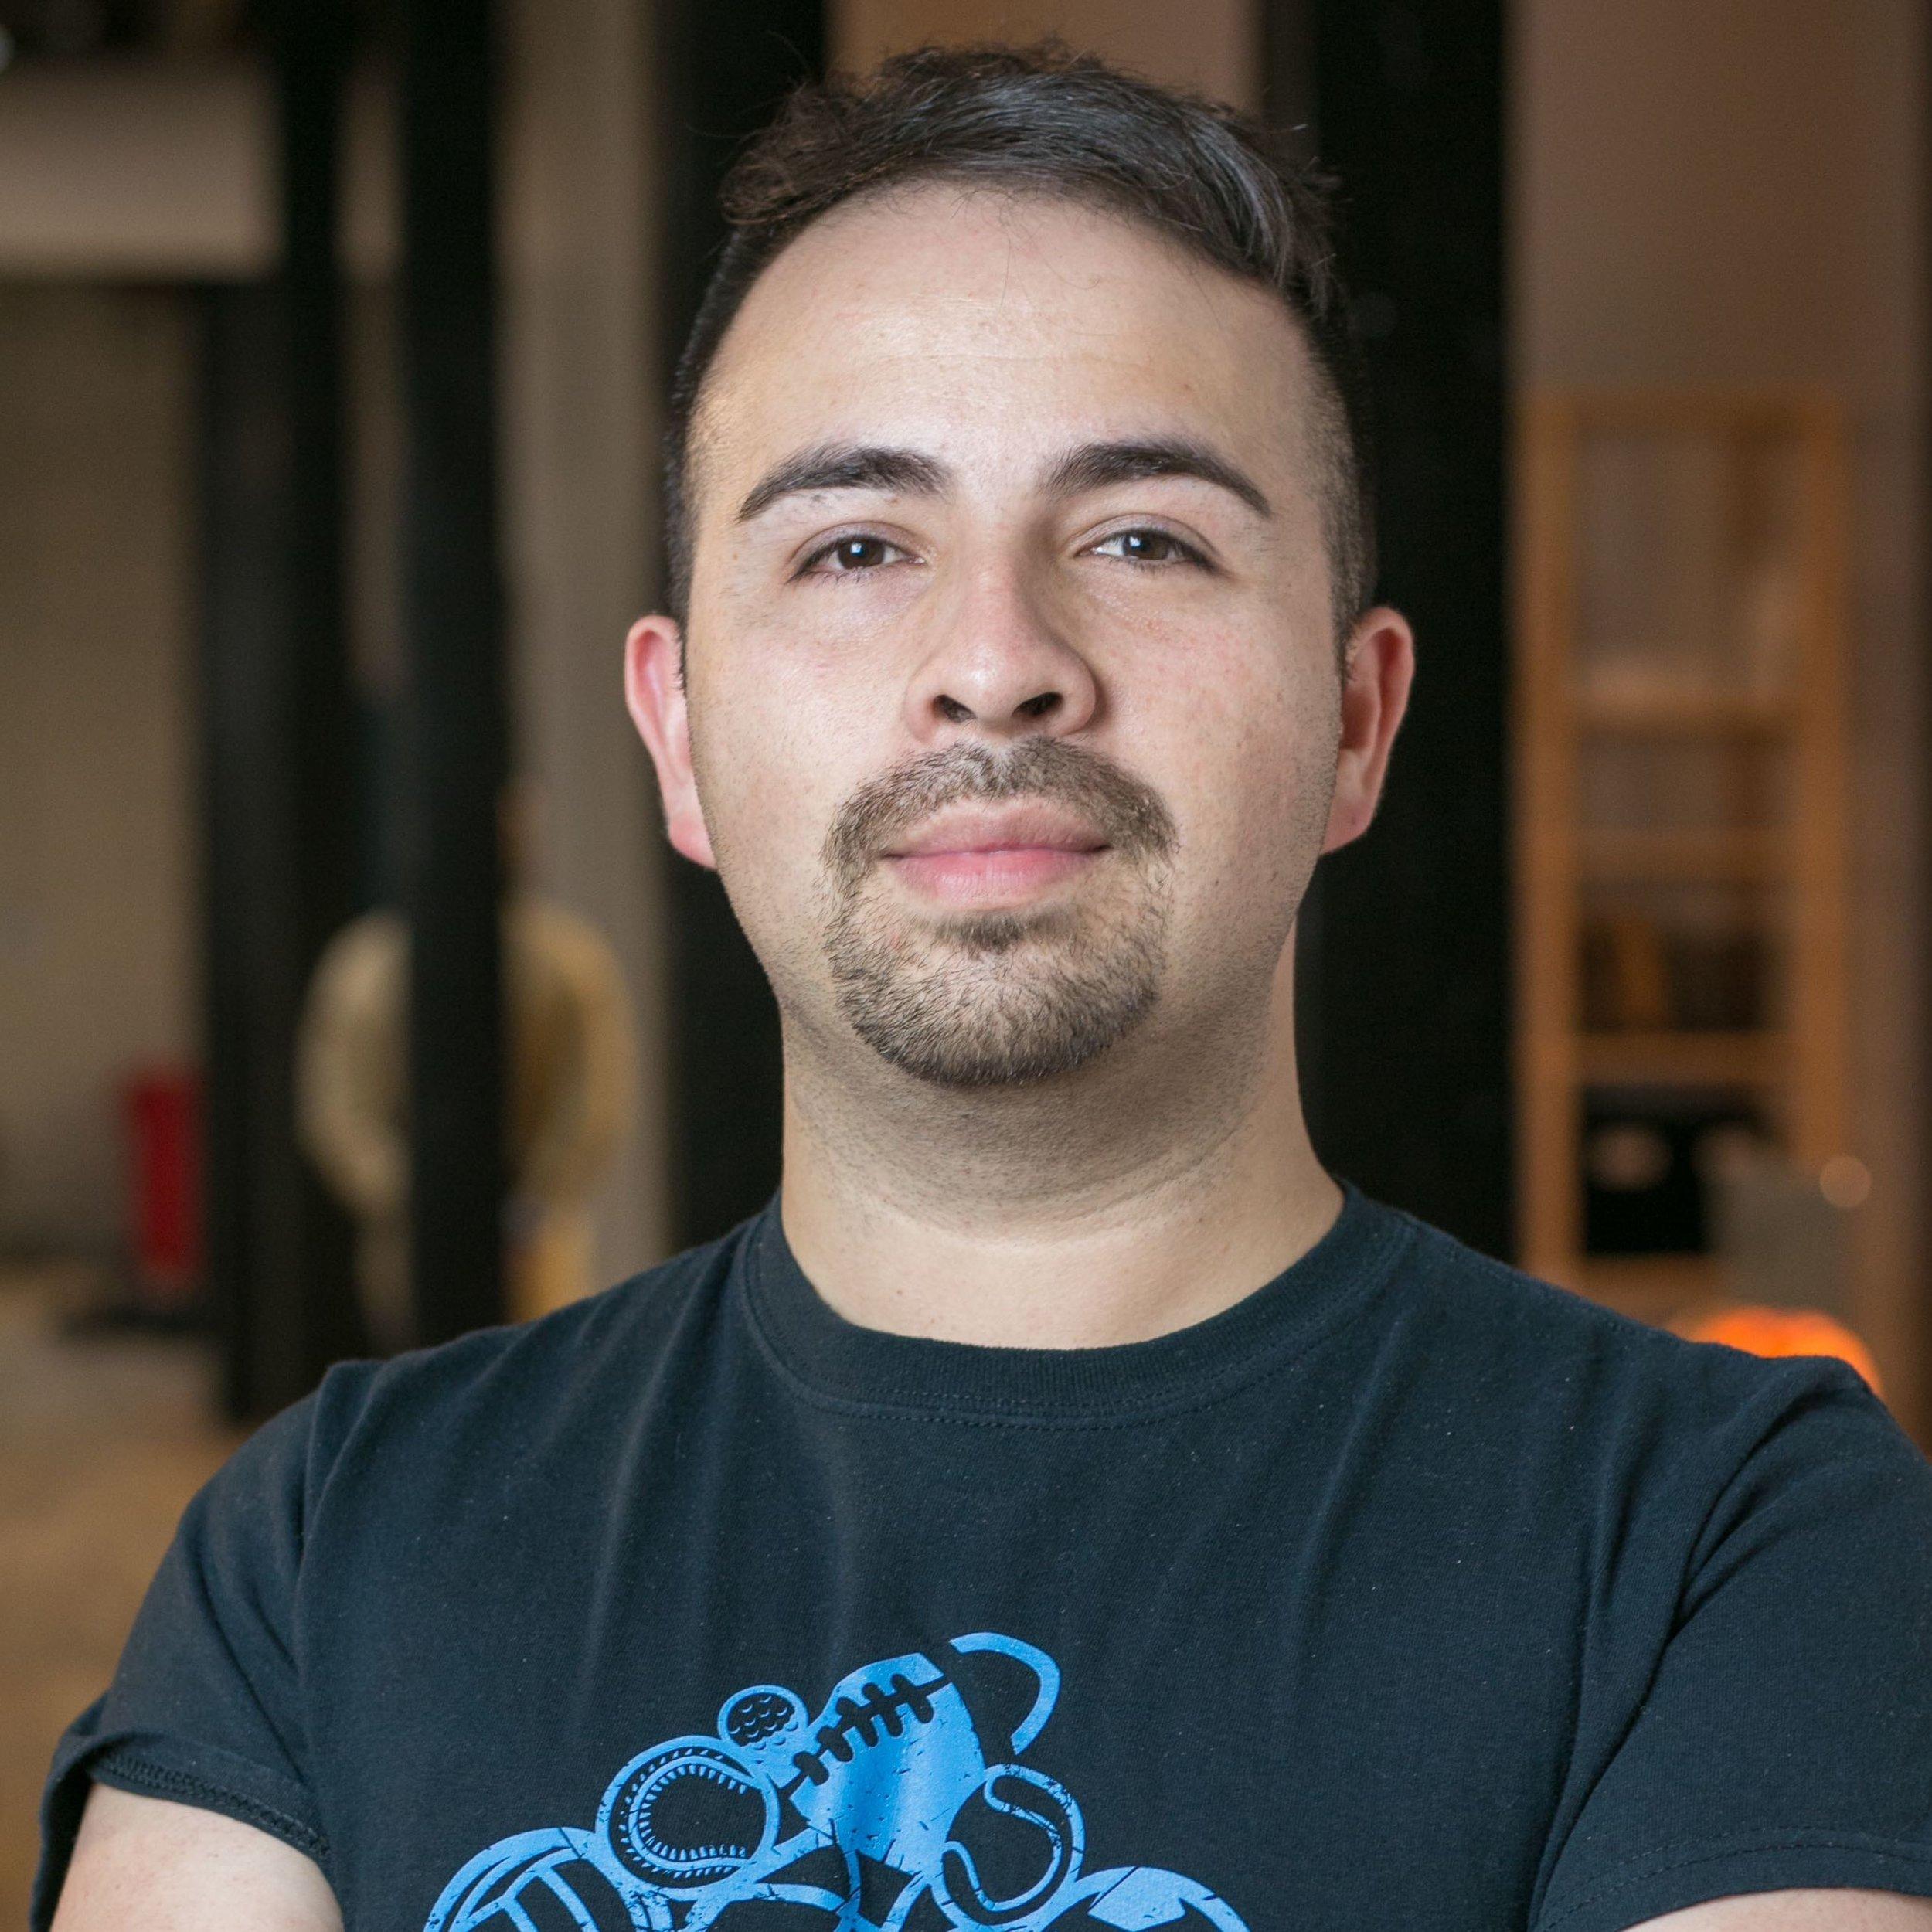 Jesus Alvarez,Instructor at Berges Institute